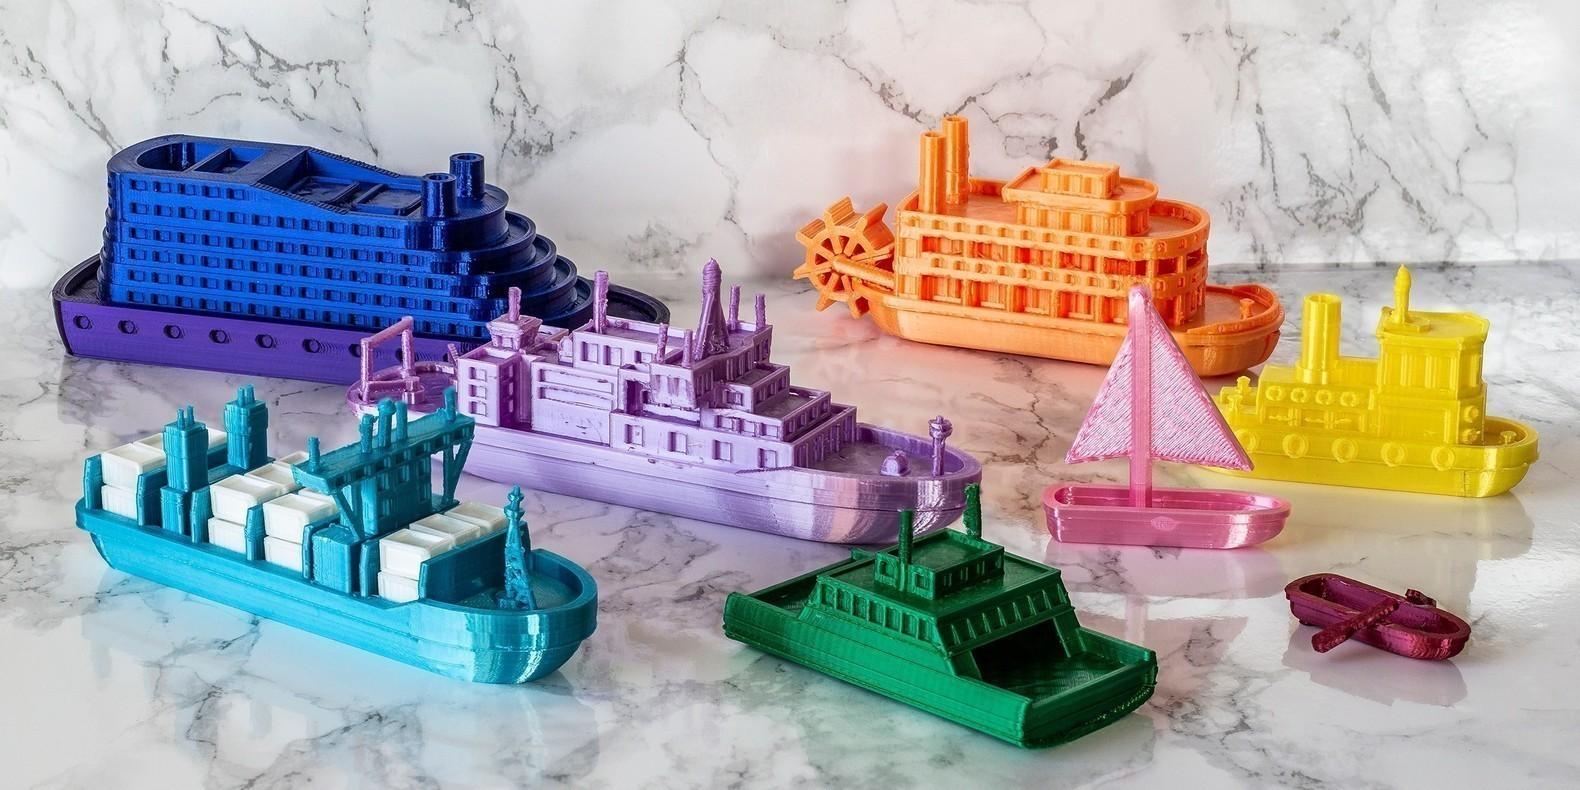 Descubre en esta nueva colección de modelos 3D todos los archivos para impresoras 3D relacionados con el modelado de barcos